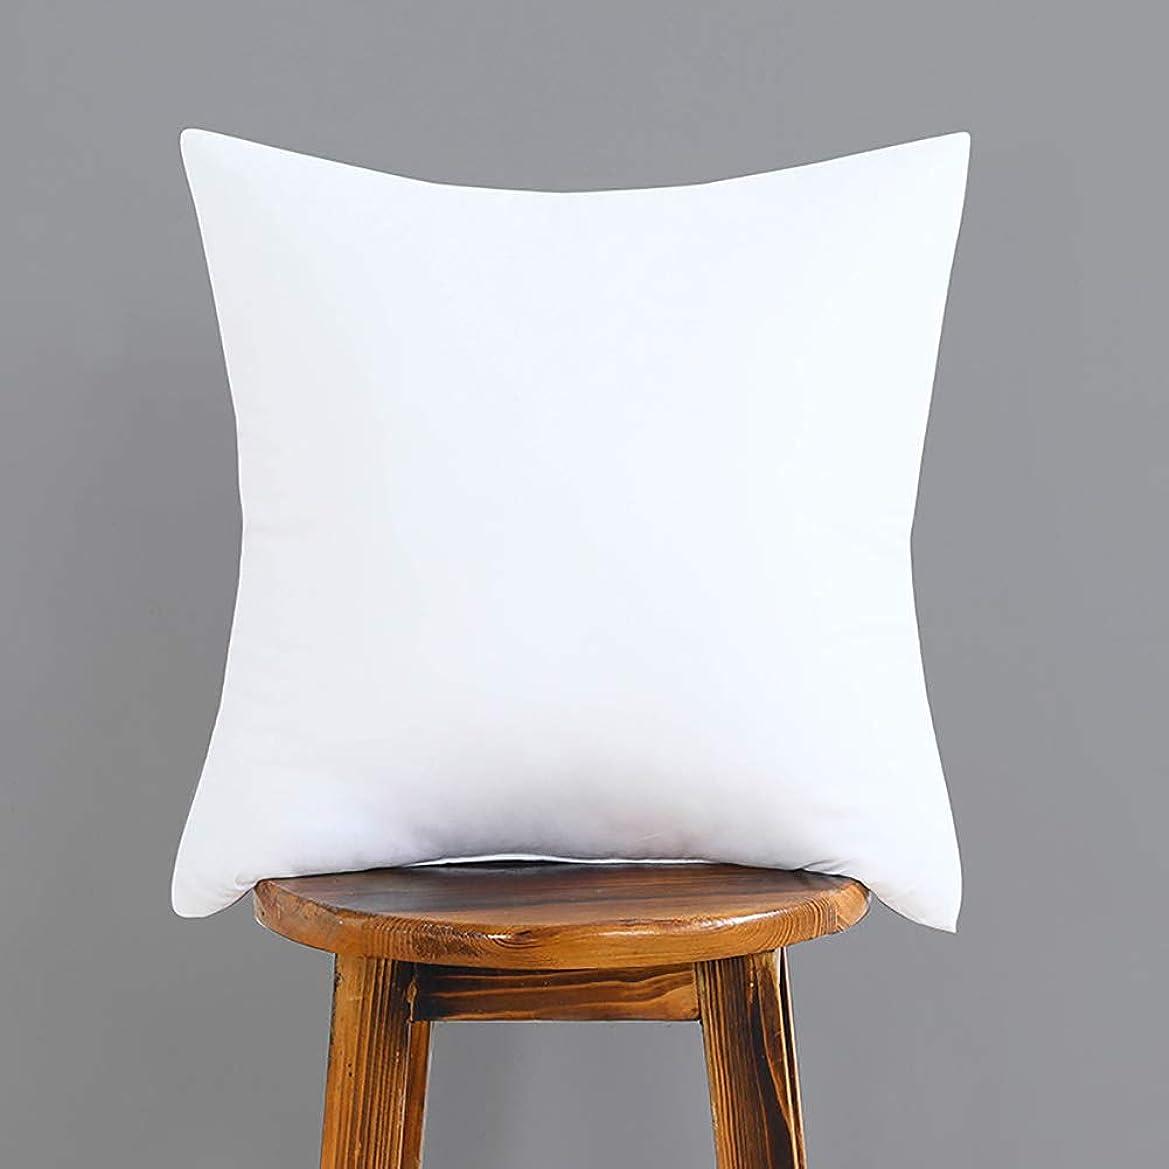 ナンセンス貫通する癒すWvvTee ヌードクッション クッション中材 立体7D綿 ソファ ベッド 背当てタイプ ホワイト 洗える 35x35CM 300G